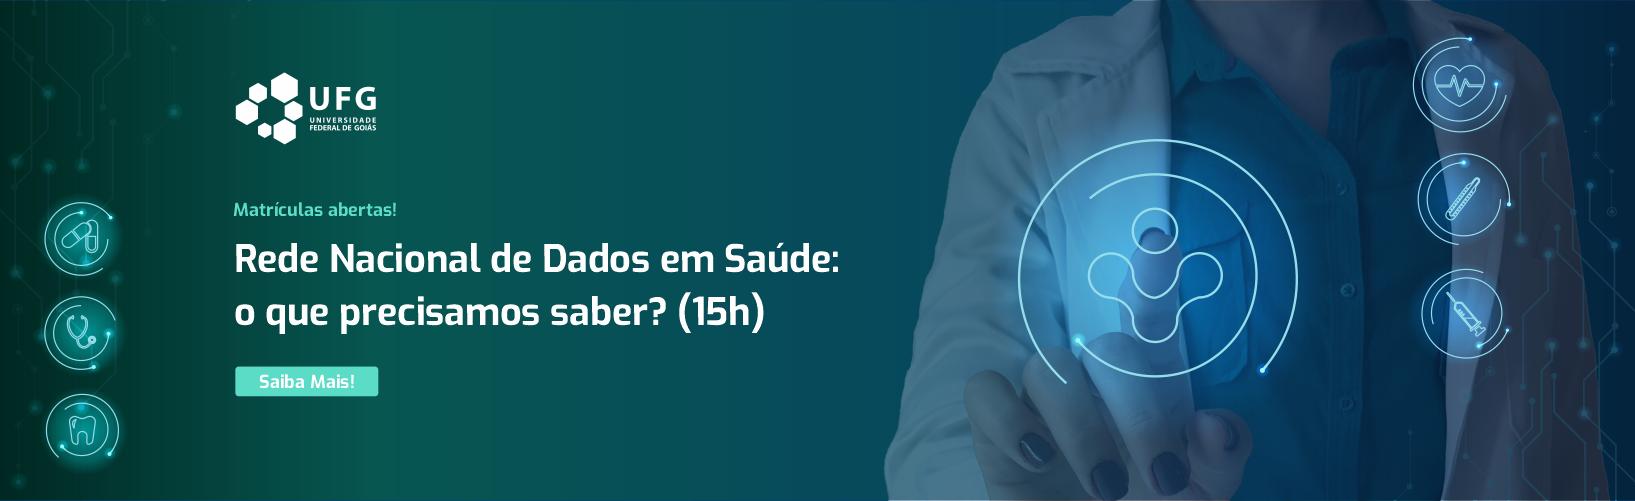 Banner Minicurso Saúde 2